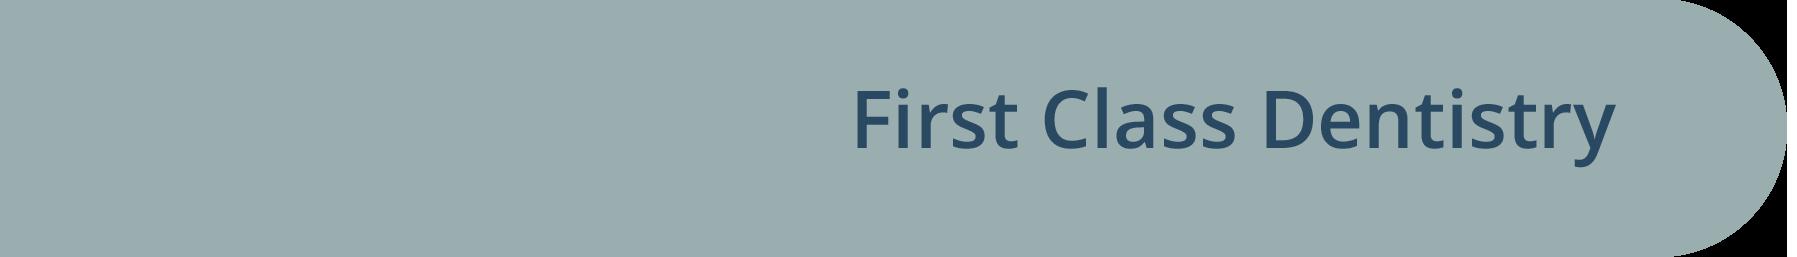 First class dentristry